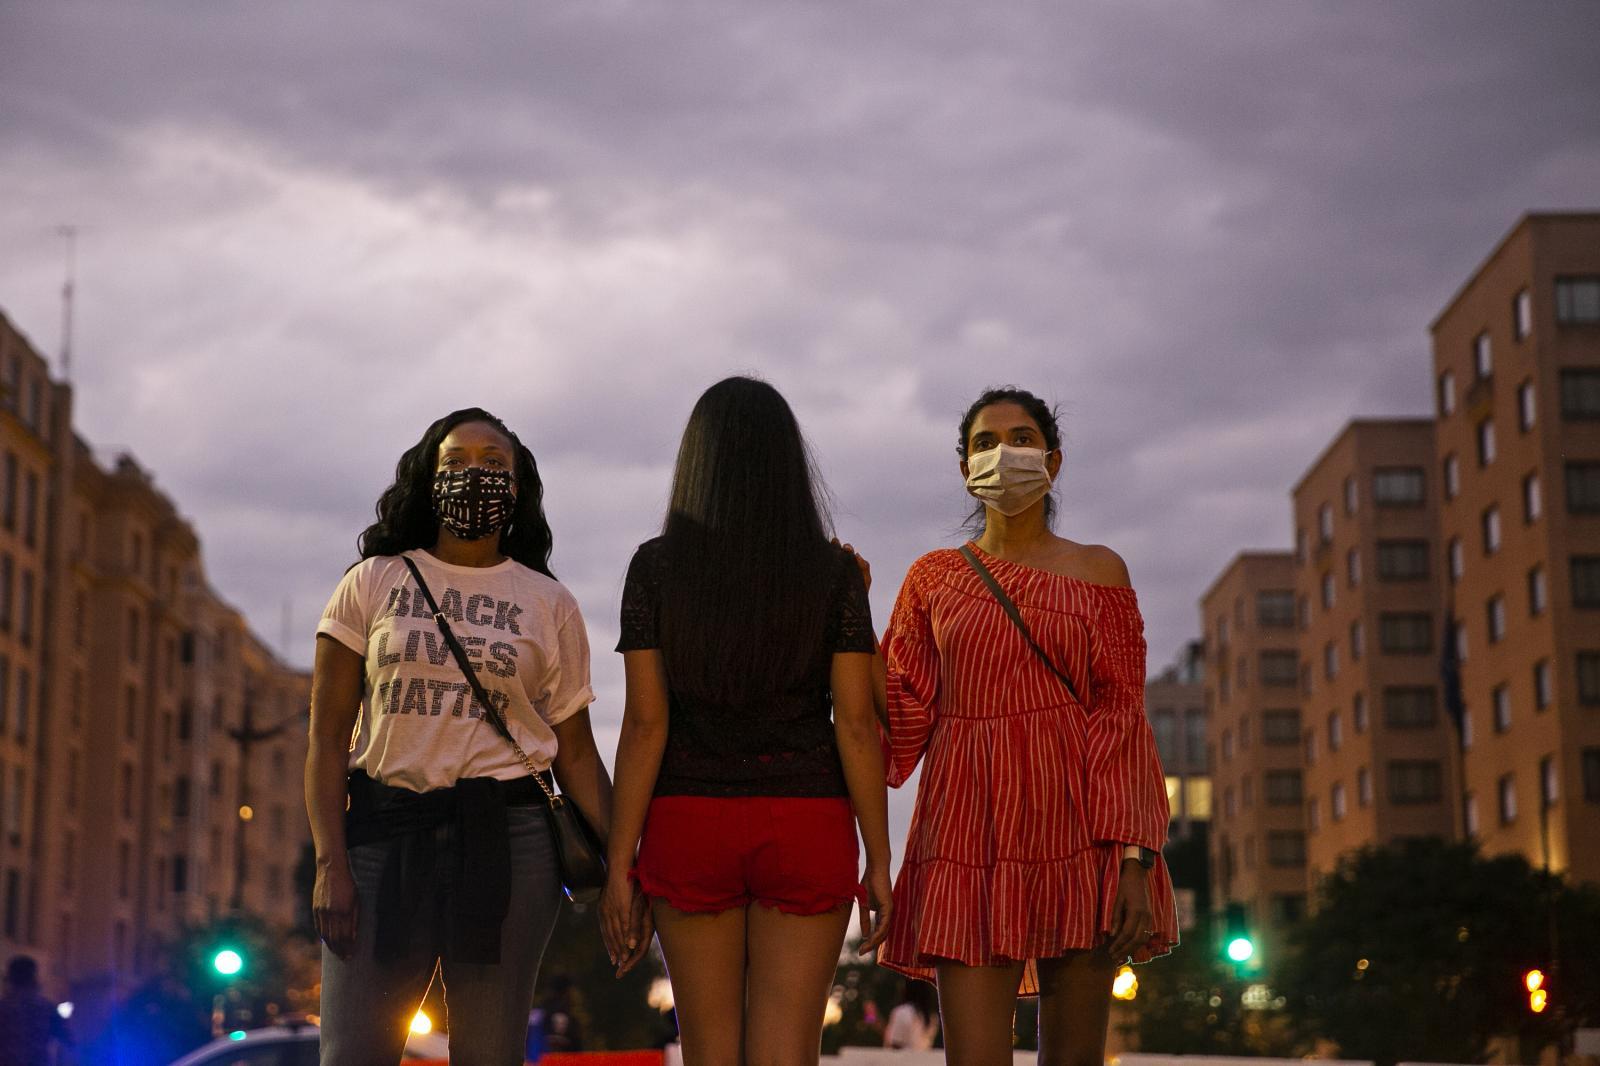 Photography image - Loading Shuran_Huang_Asians_at_Protests_17.JPG